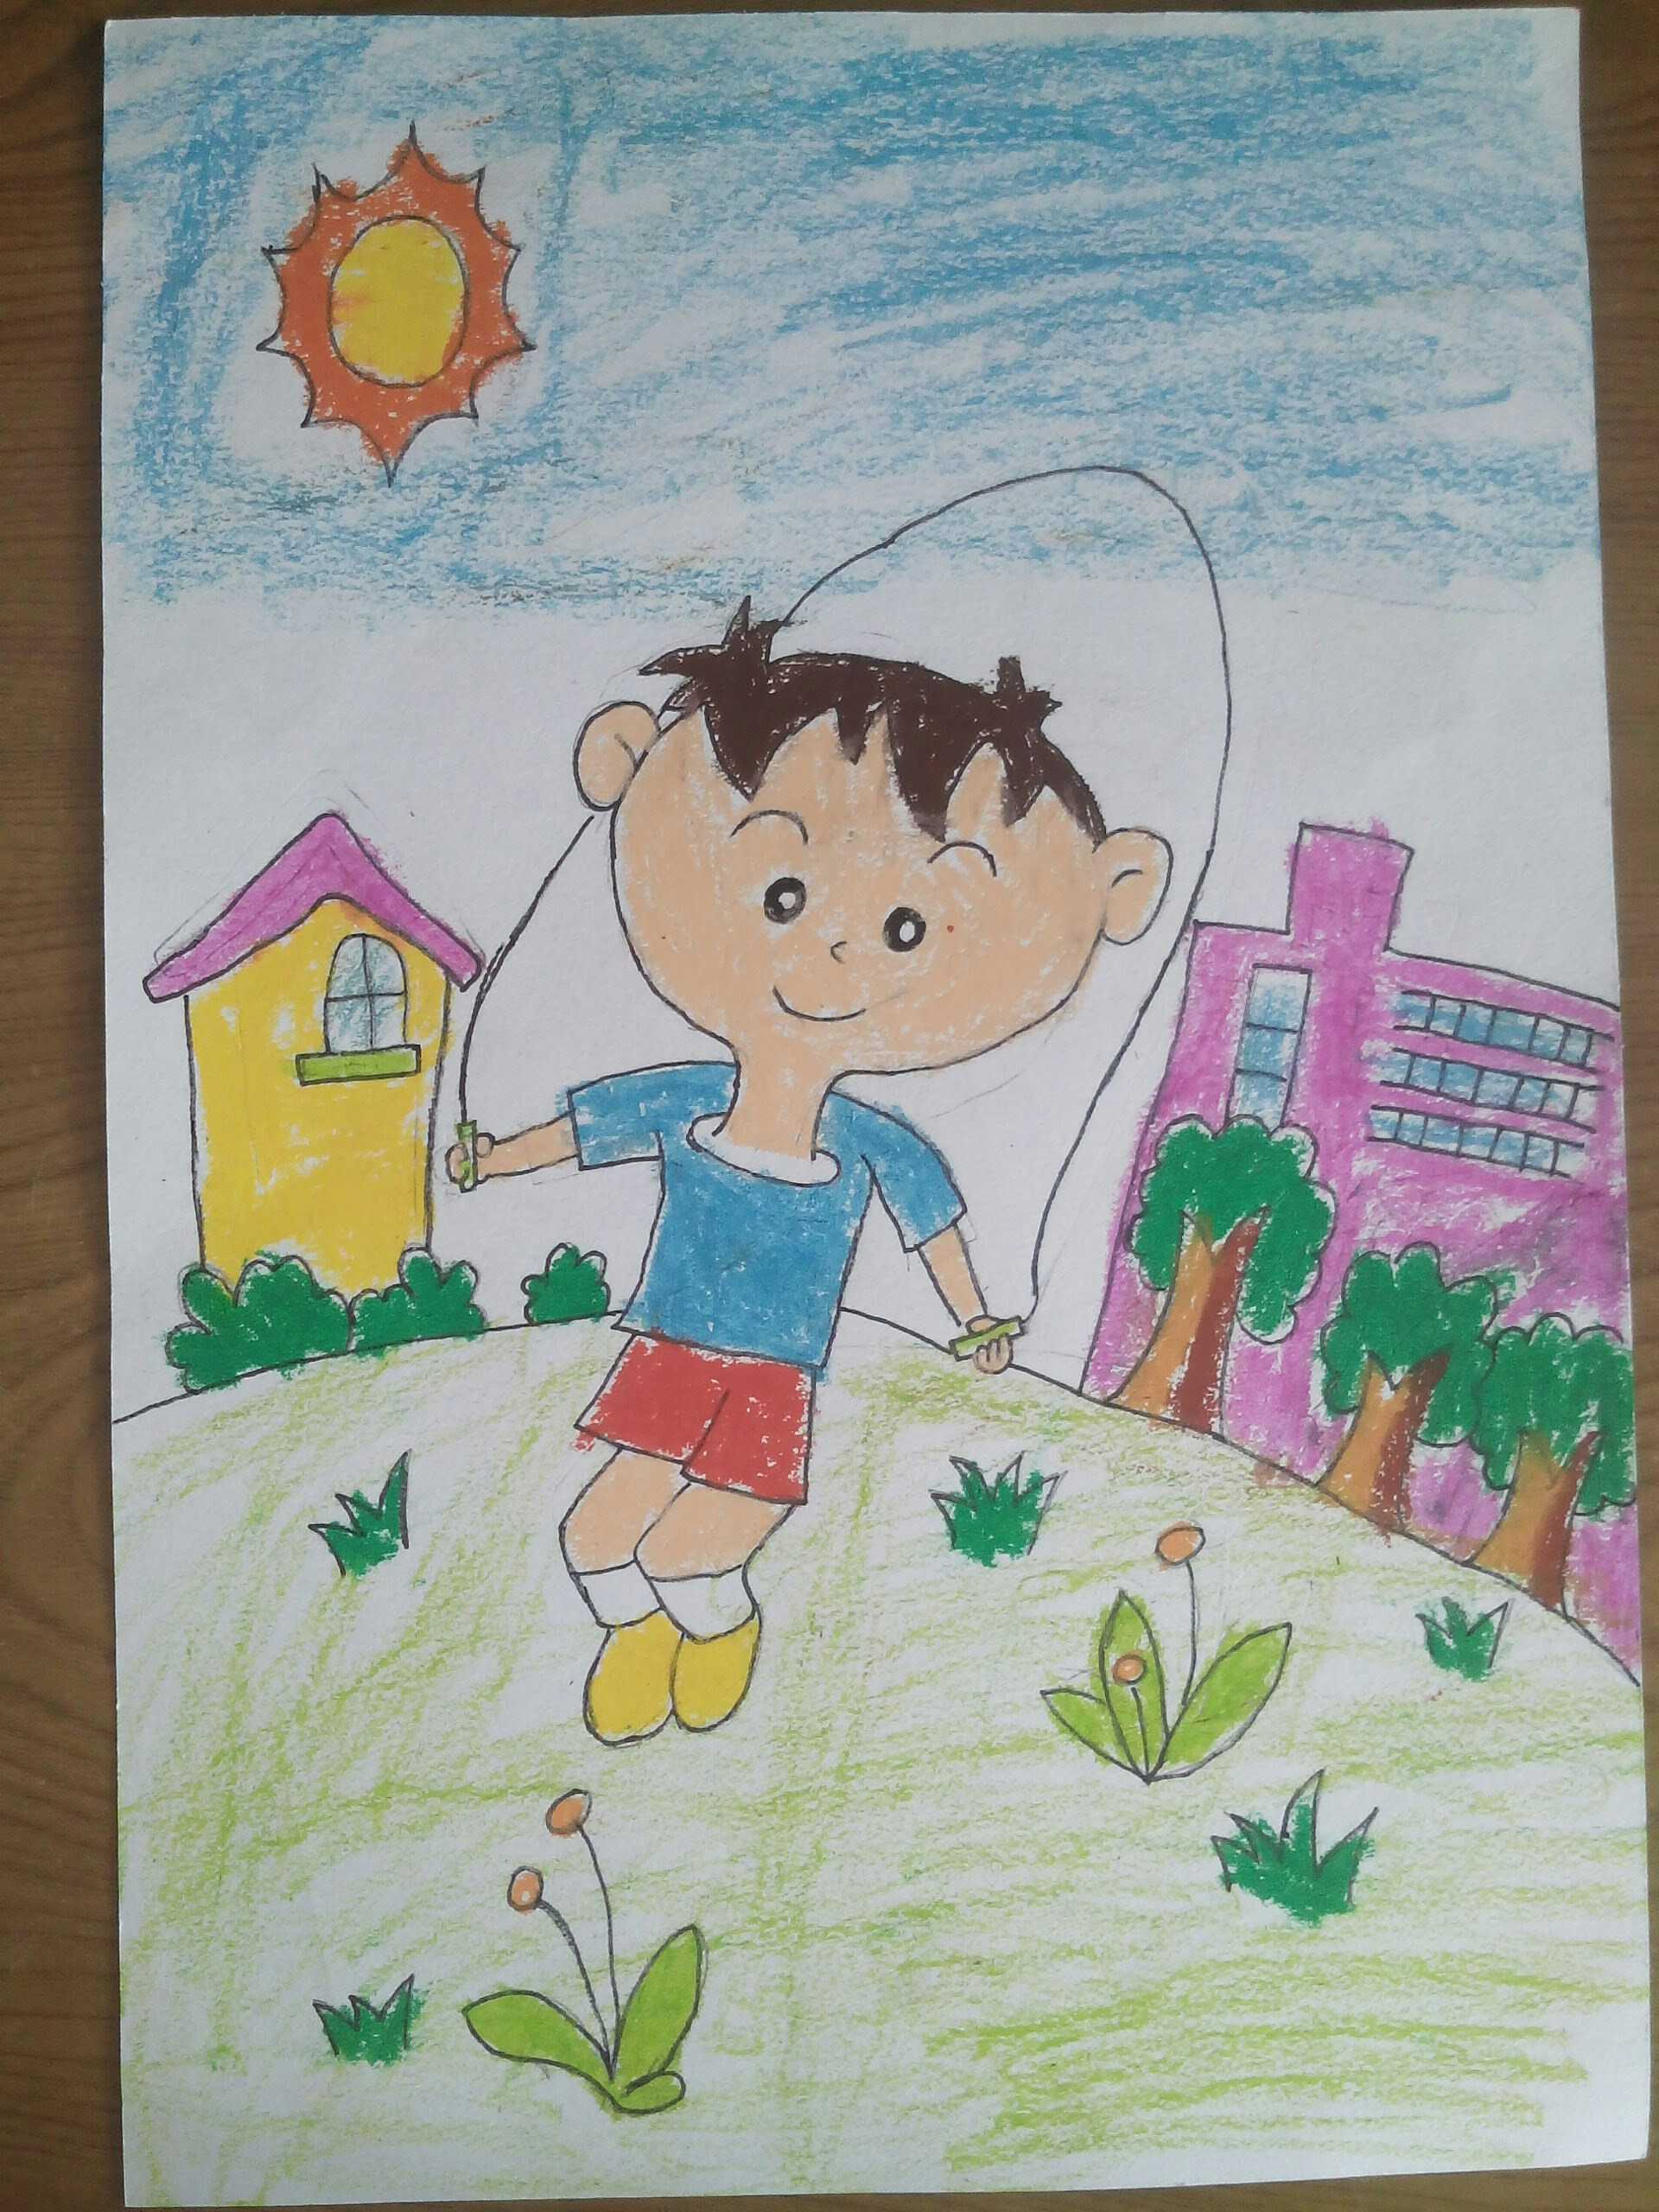 儿子的画画真棒!_帖子_oppo手机官方社区